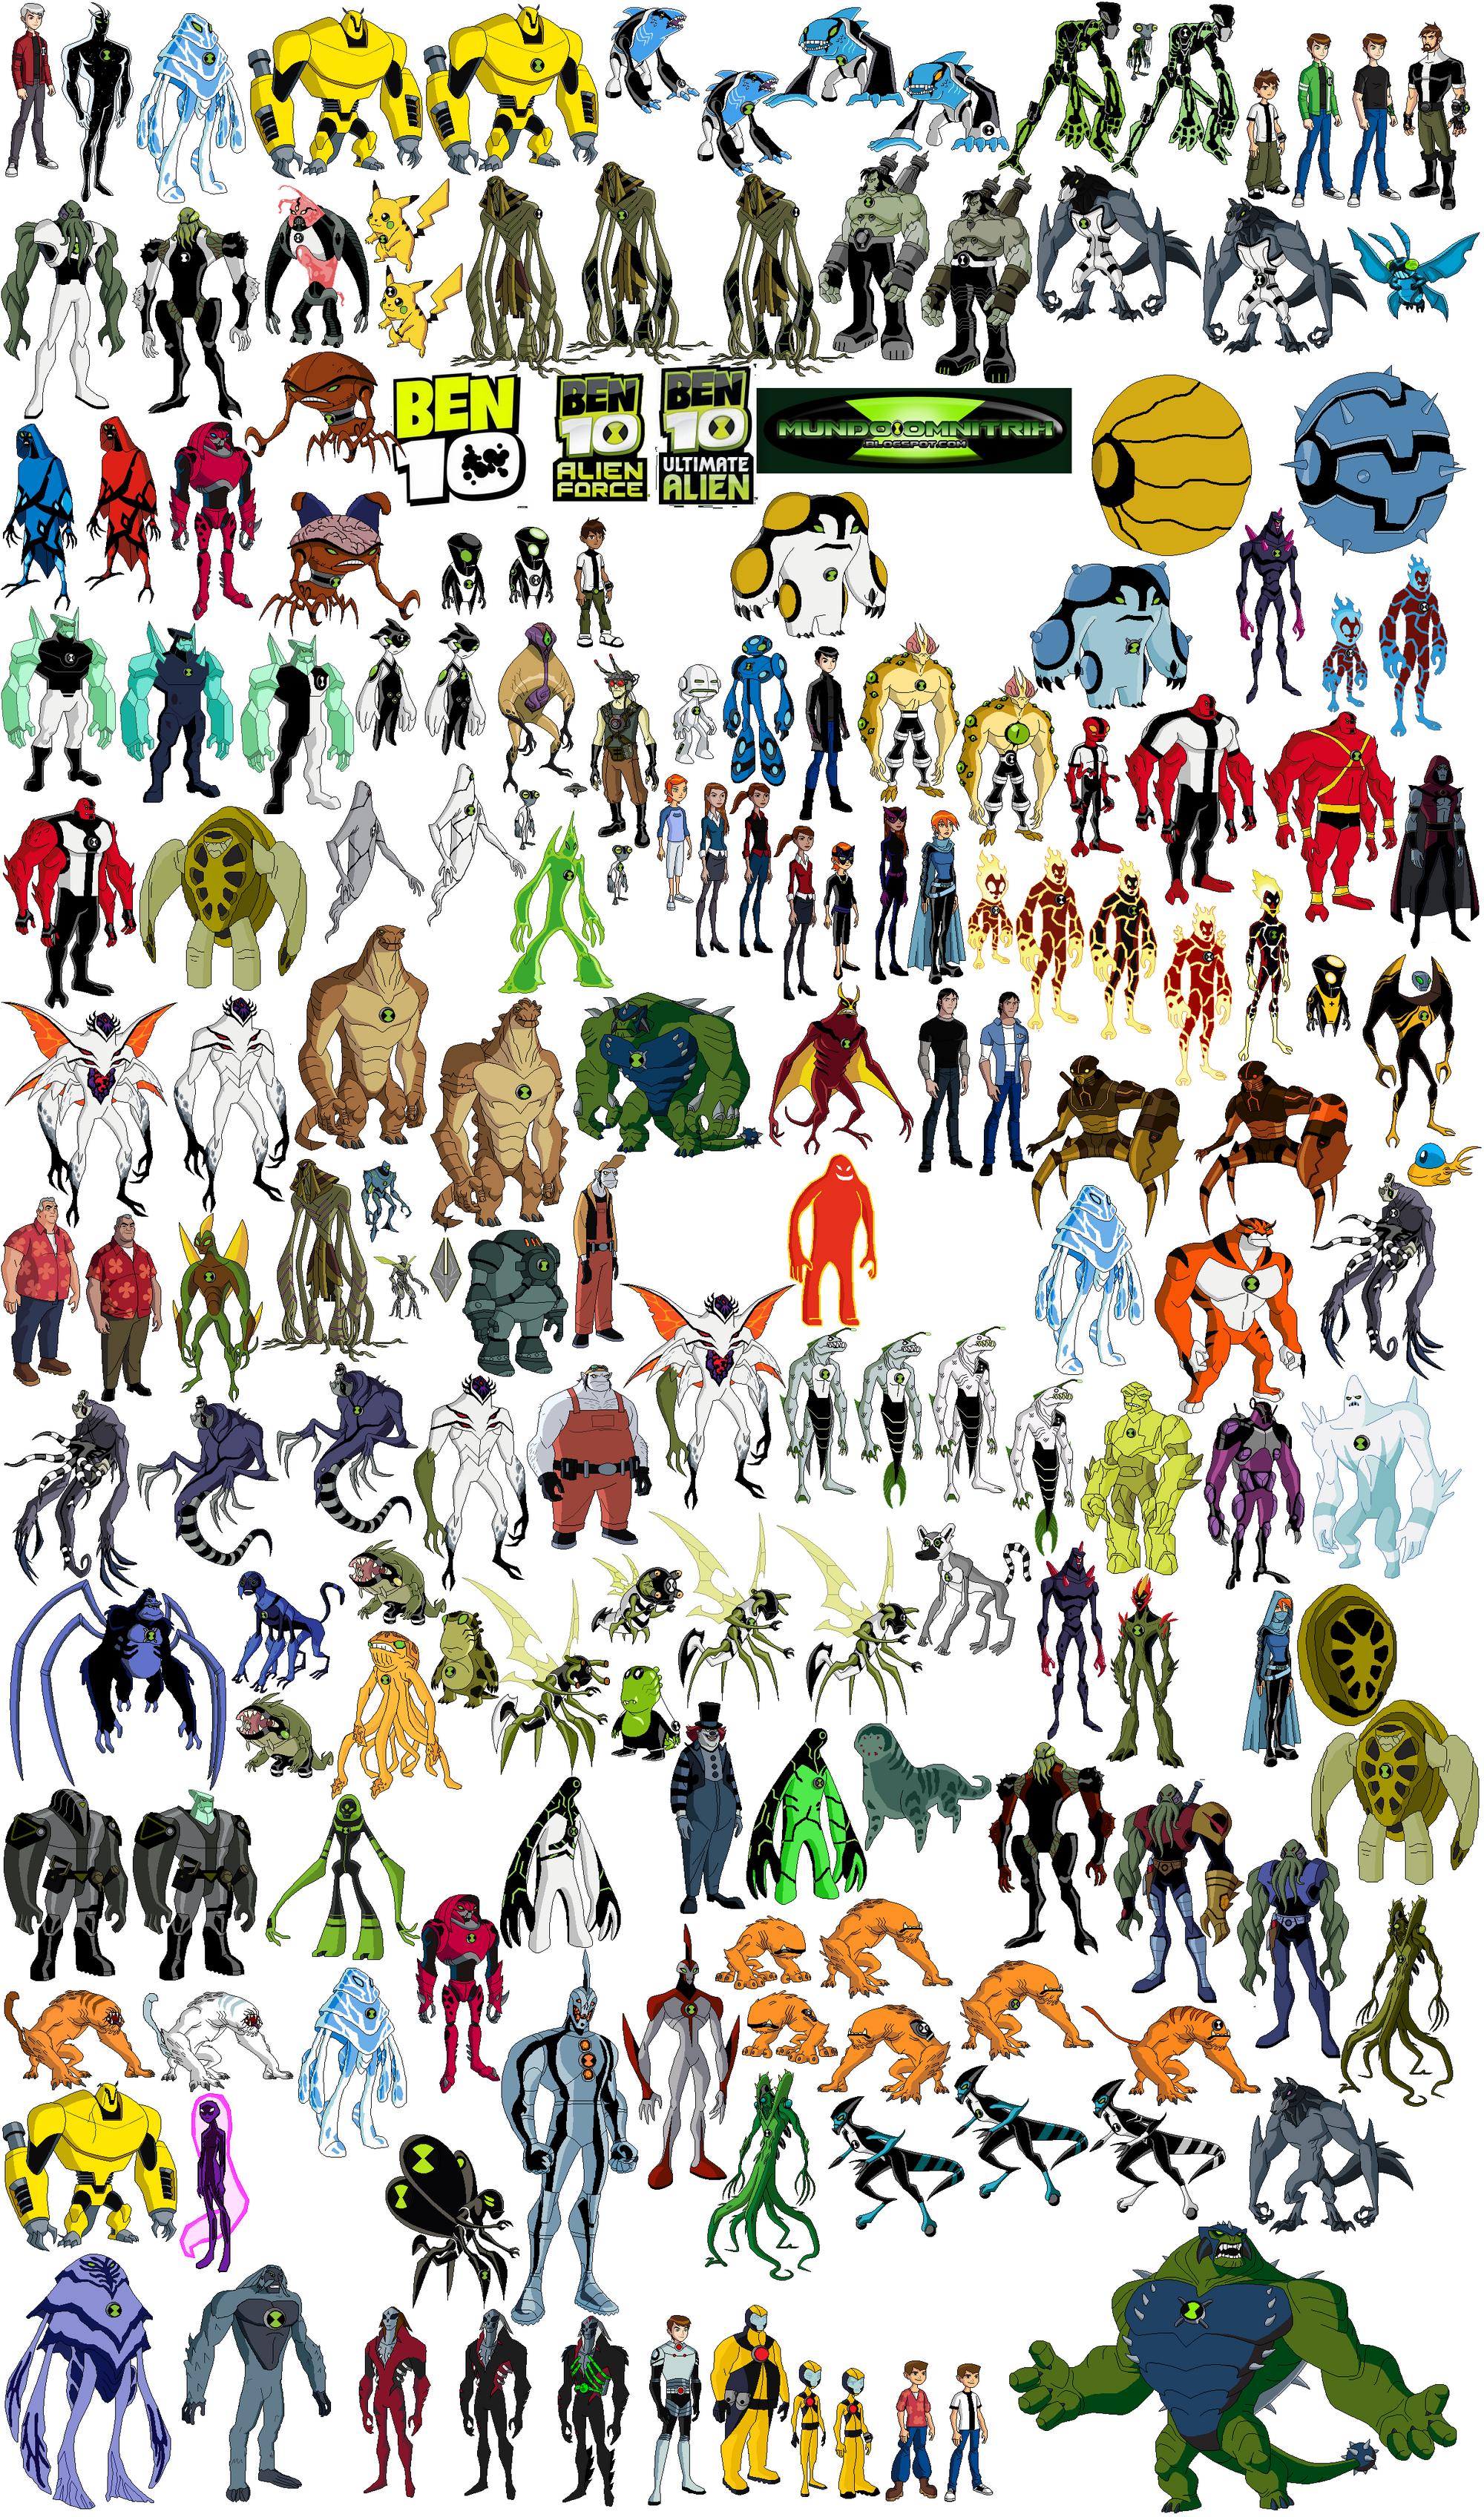 Ben 10 force alien hero ben 10 fan fiction wiki fandom powered by wikia - Ben 10 images ...